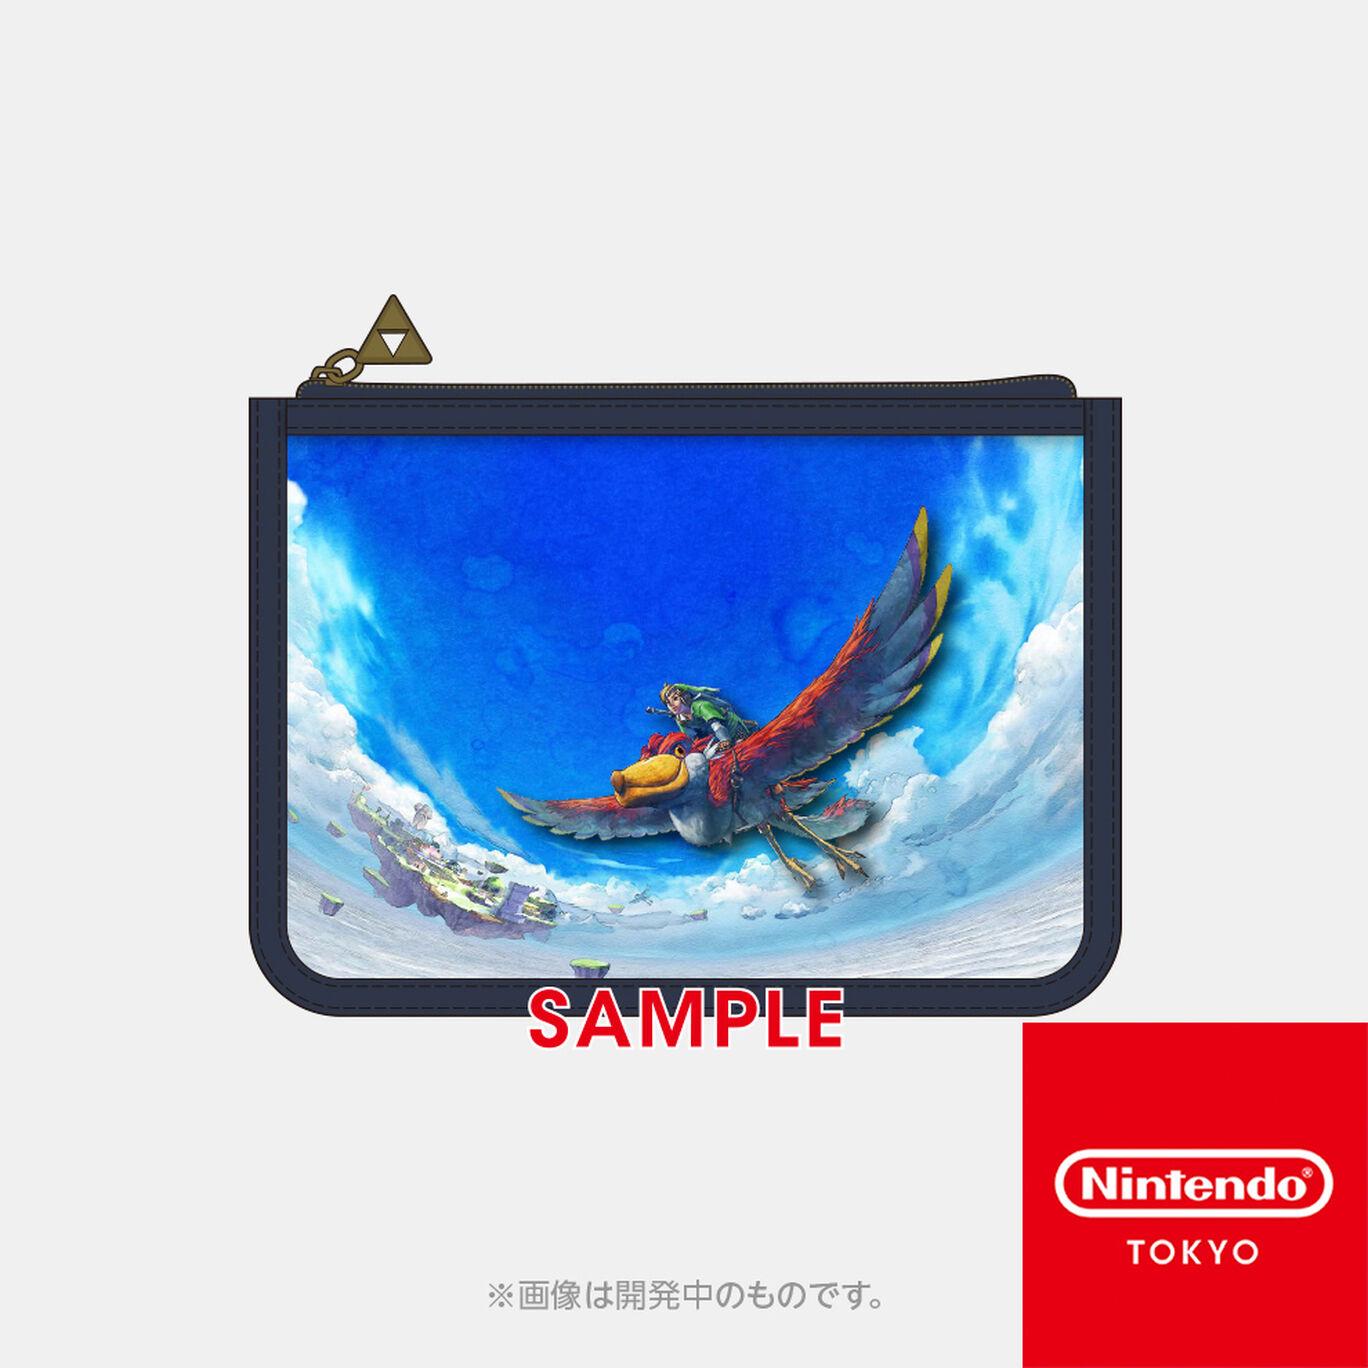 【新商品】クリアポーチ ゼルダの伝説 スカイウォードソード HD【Nintendo TOKYO取り扱い商品】